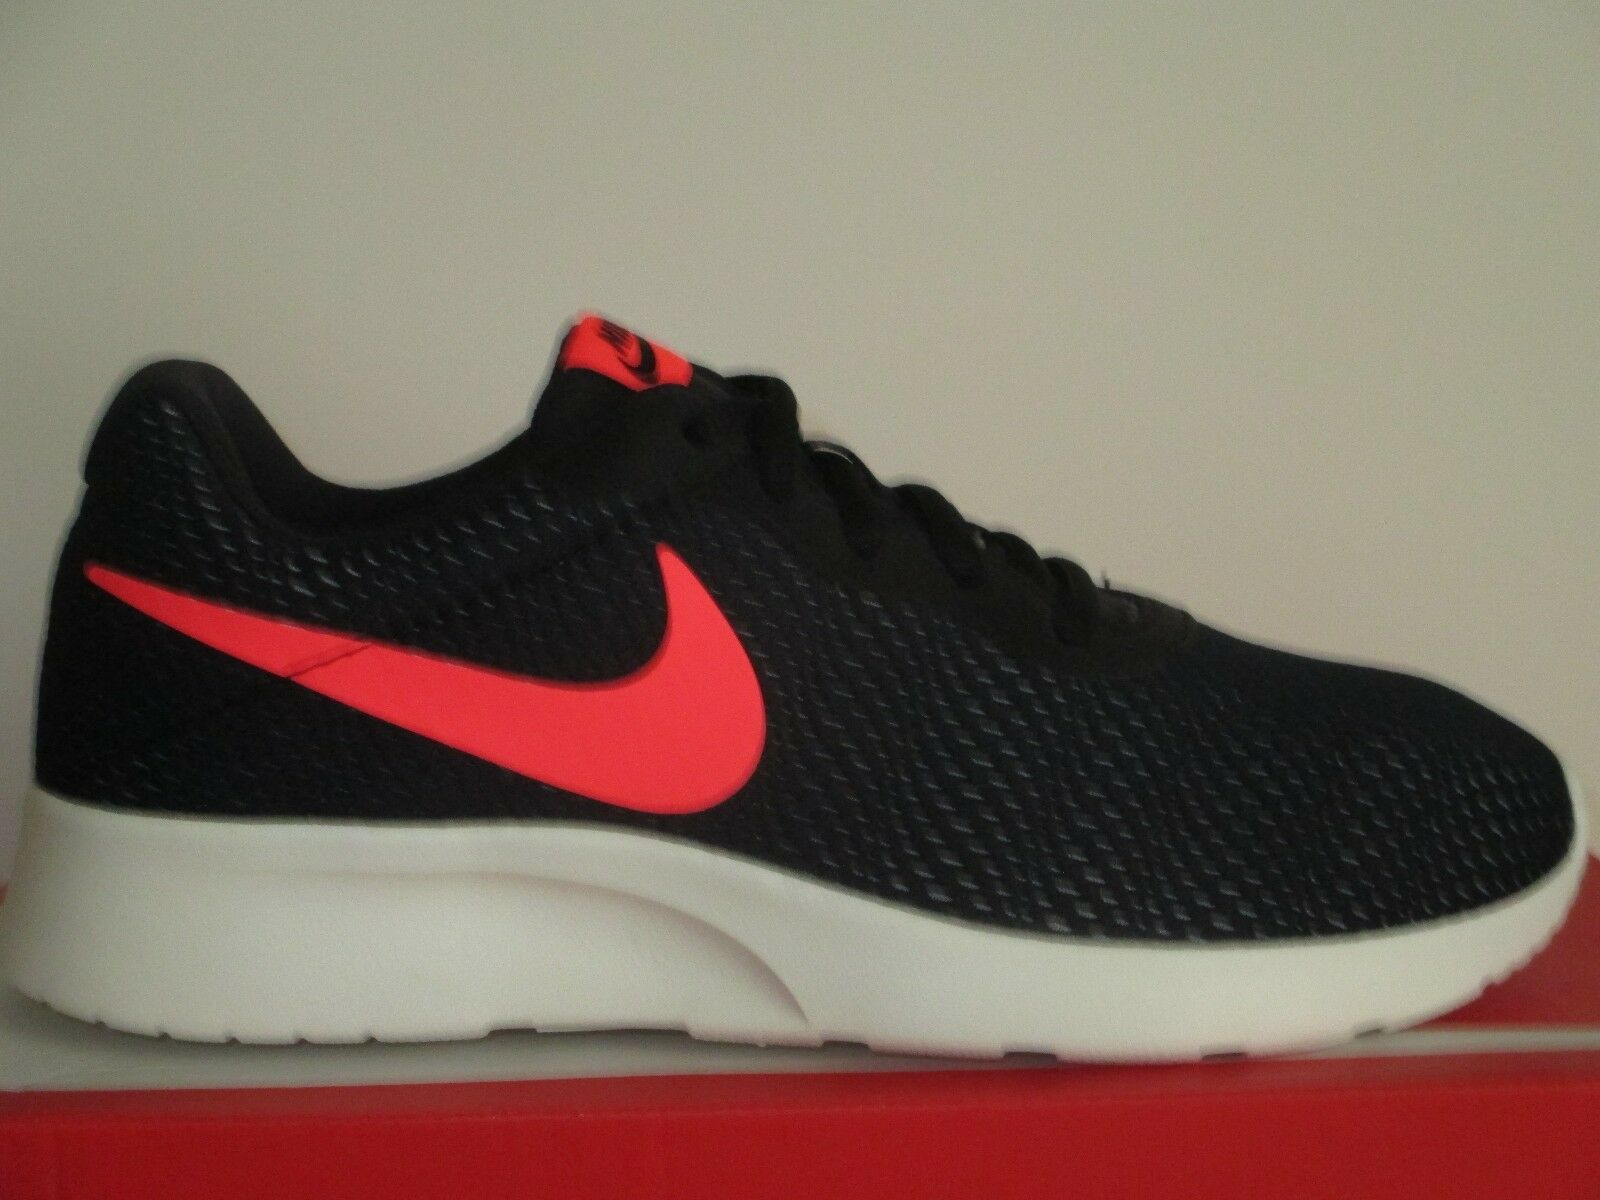 Nike tanjun se (nero / rosso / solare Uomo correndo platino)